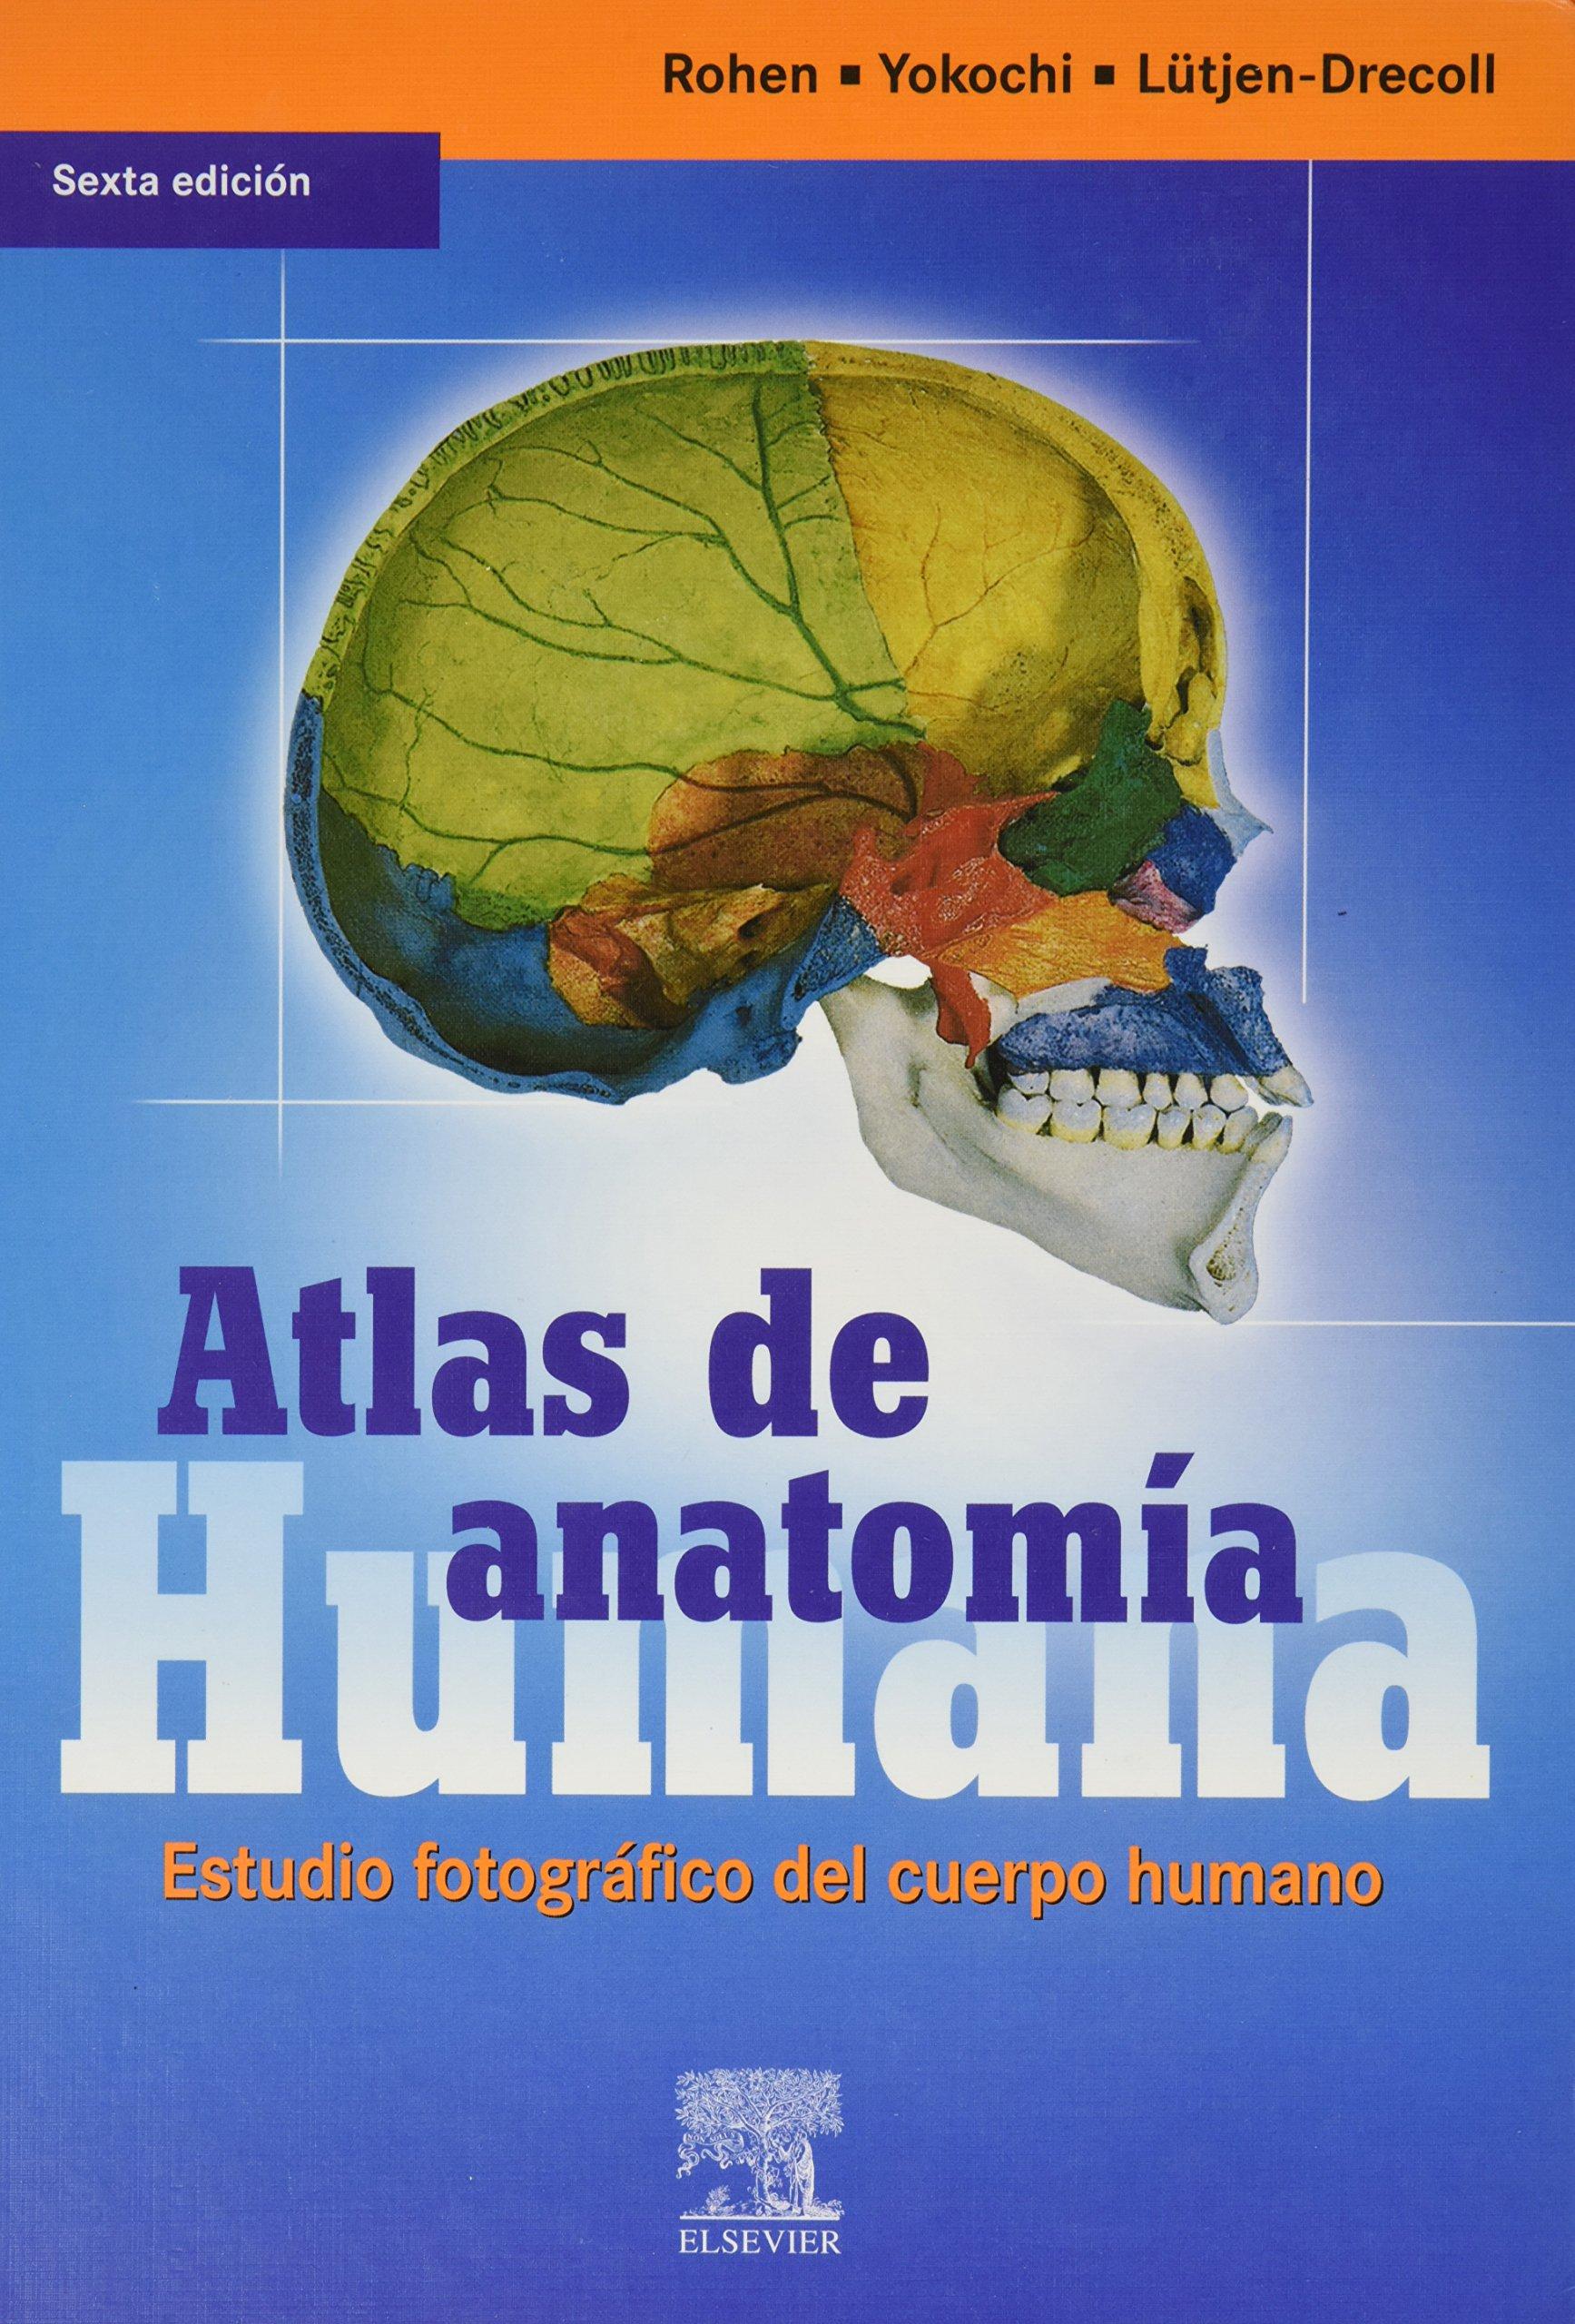 Atlas de anatomia humana. estudio fotografico del cuerpo humano ...